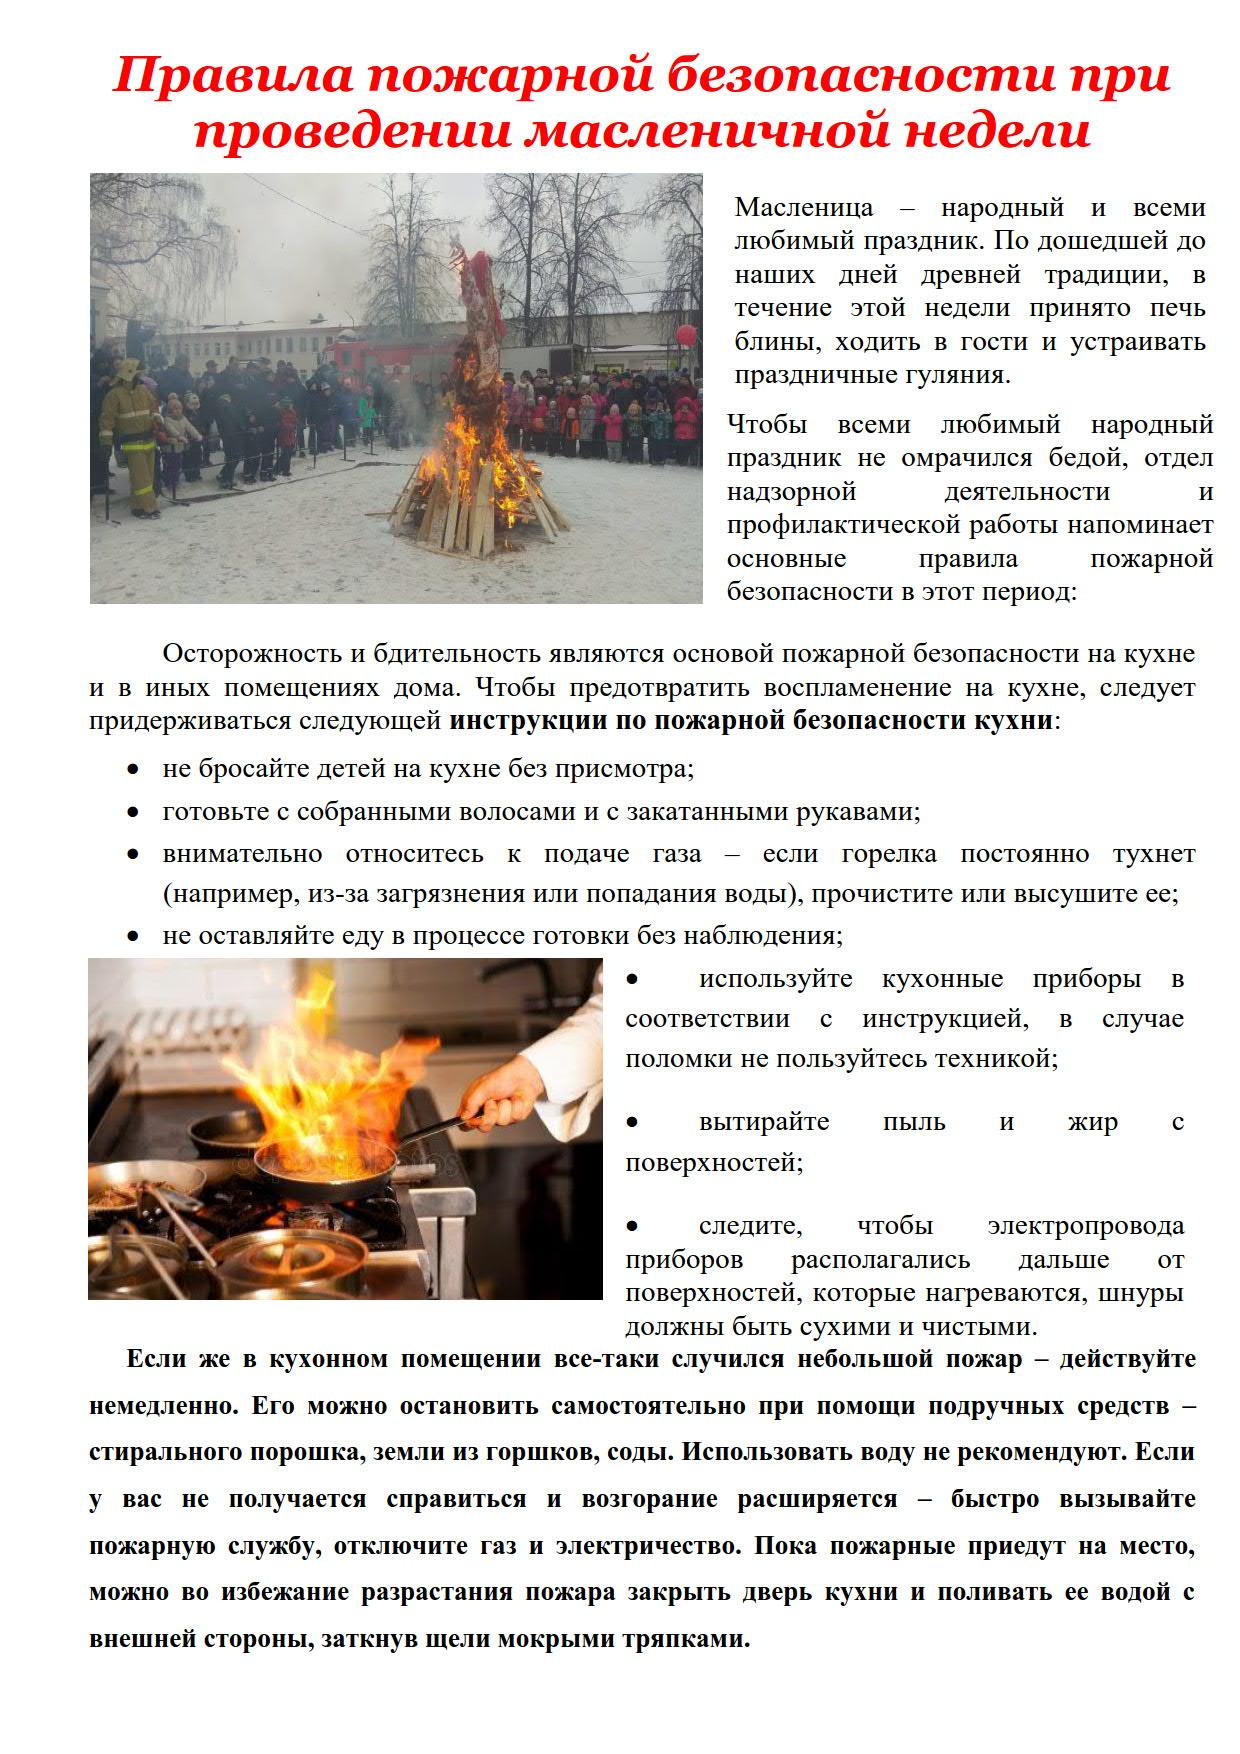 Правила пожарной безопасности при проведении масленичой недели.._1